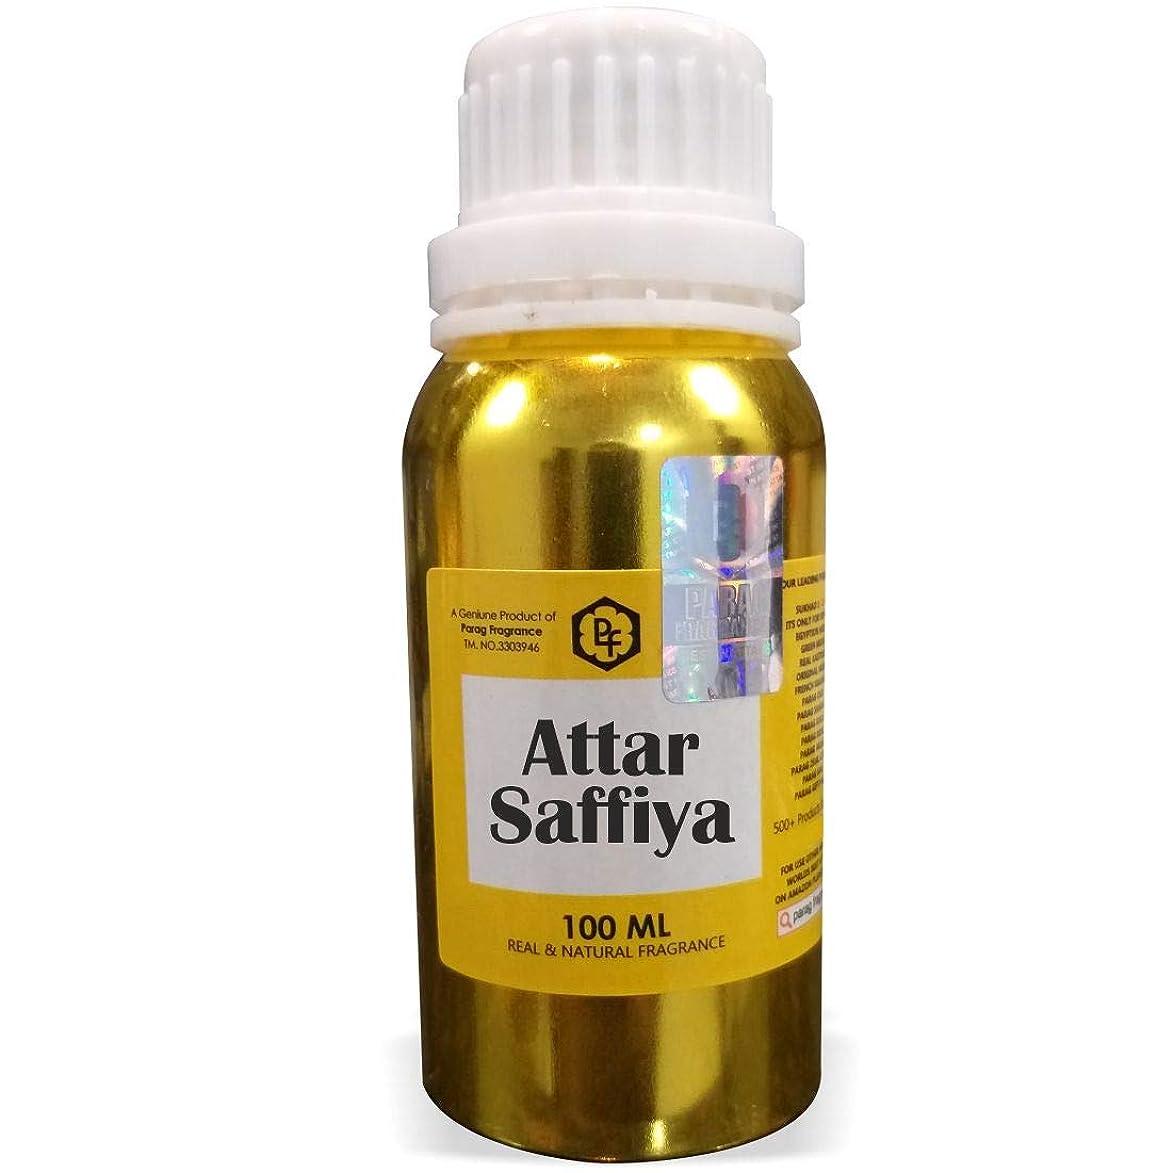 時間先廃棄ParagフレグランスSaffiyaアター100ミリリットル(男性用アルコールフリーアター)香油| 香り| ITRA